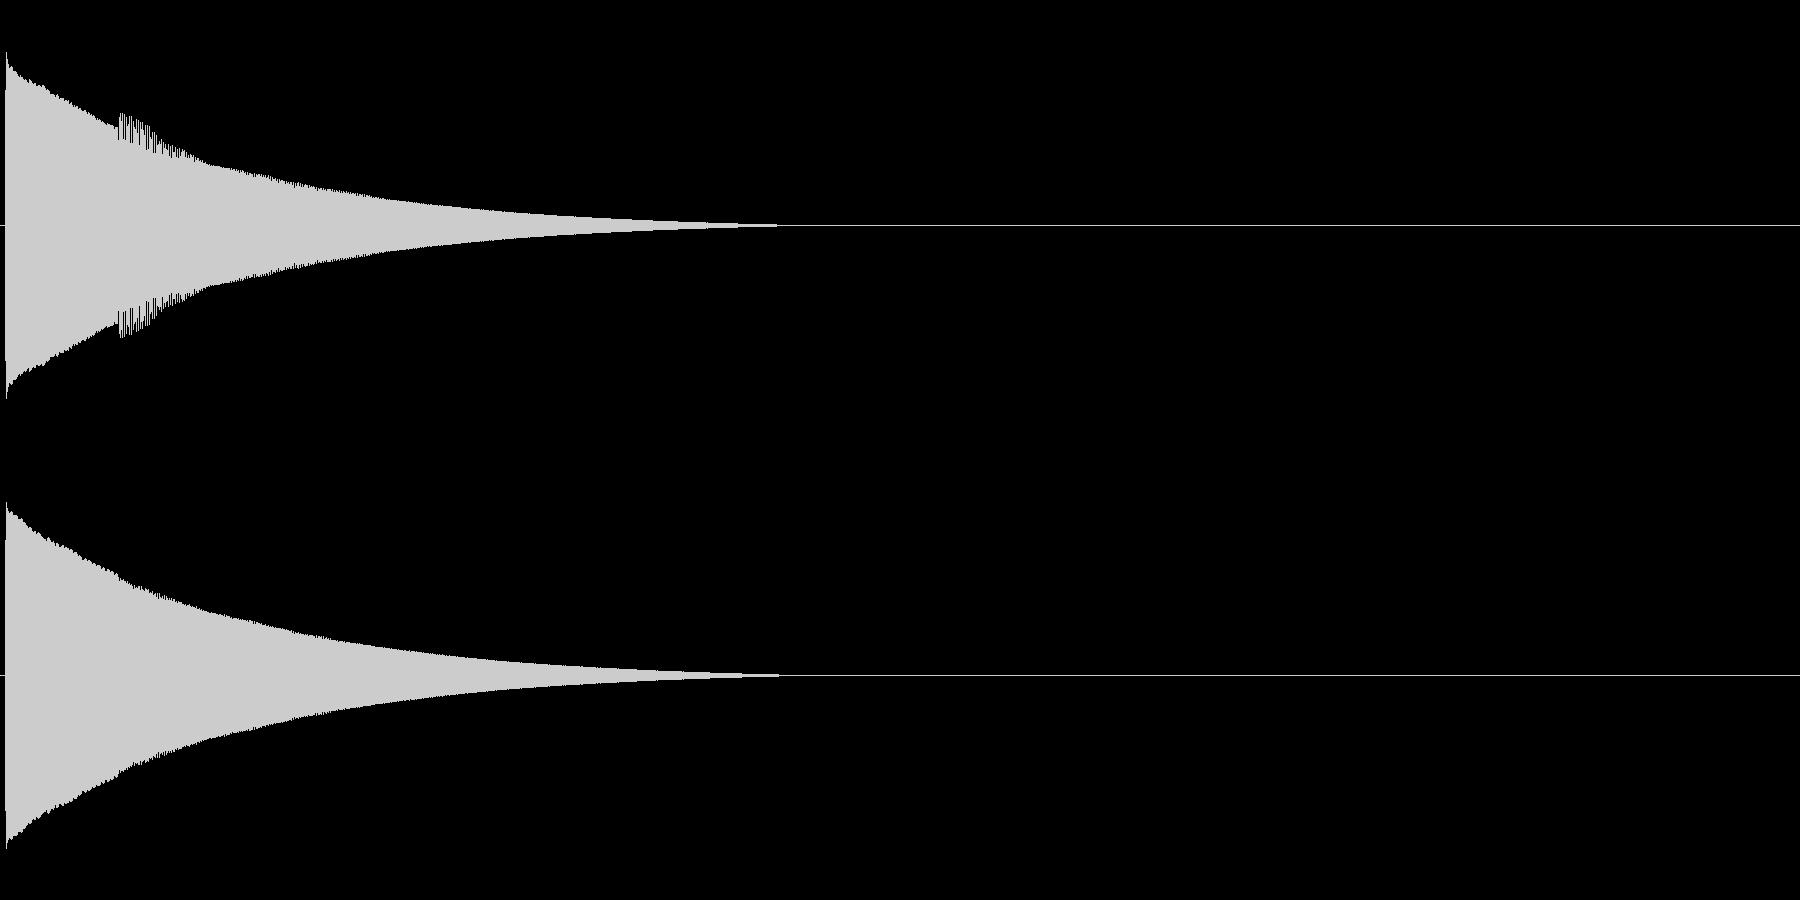 ピローン、ピコーンといった効果音 高いソの未再生の波形